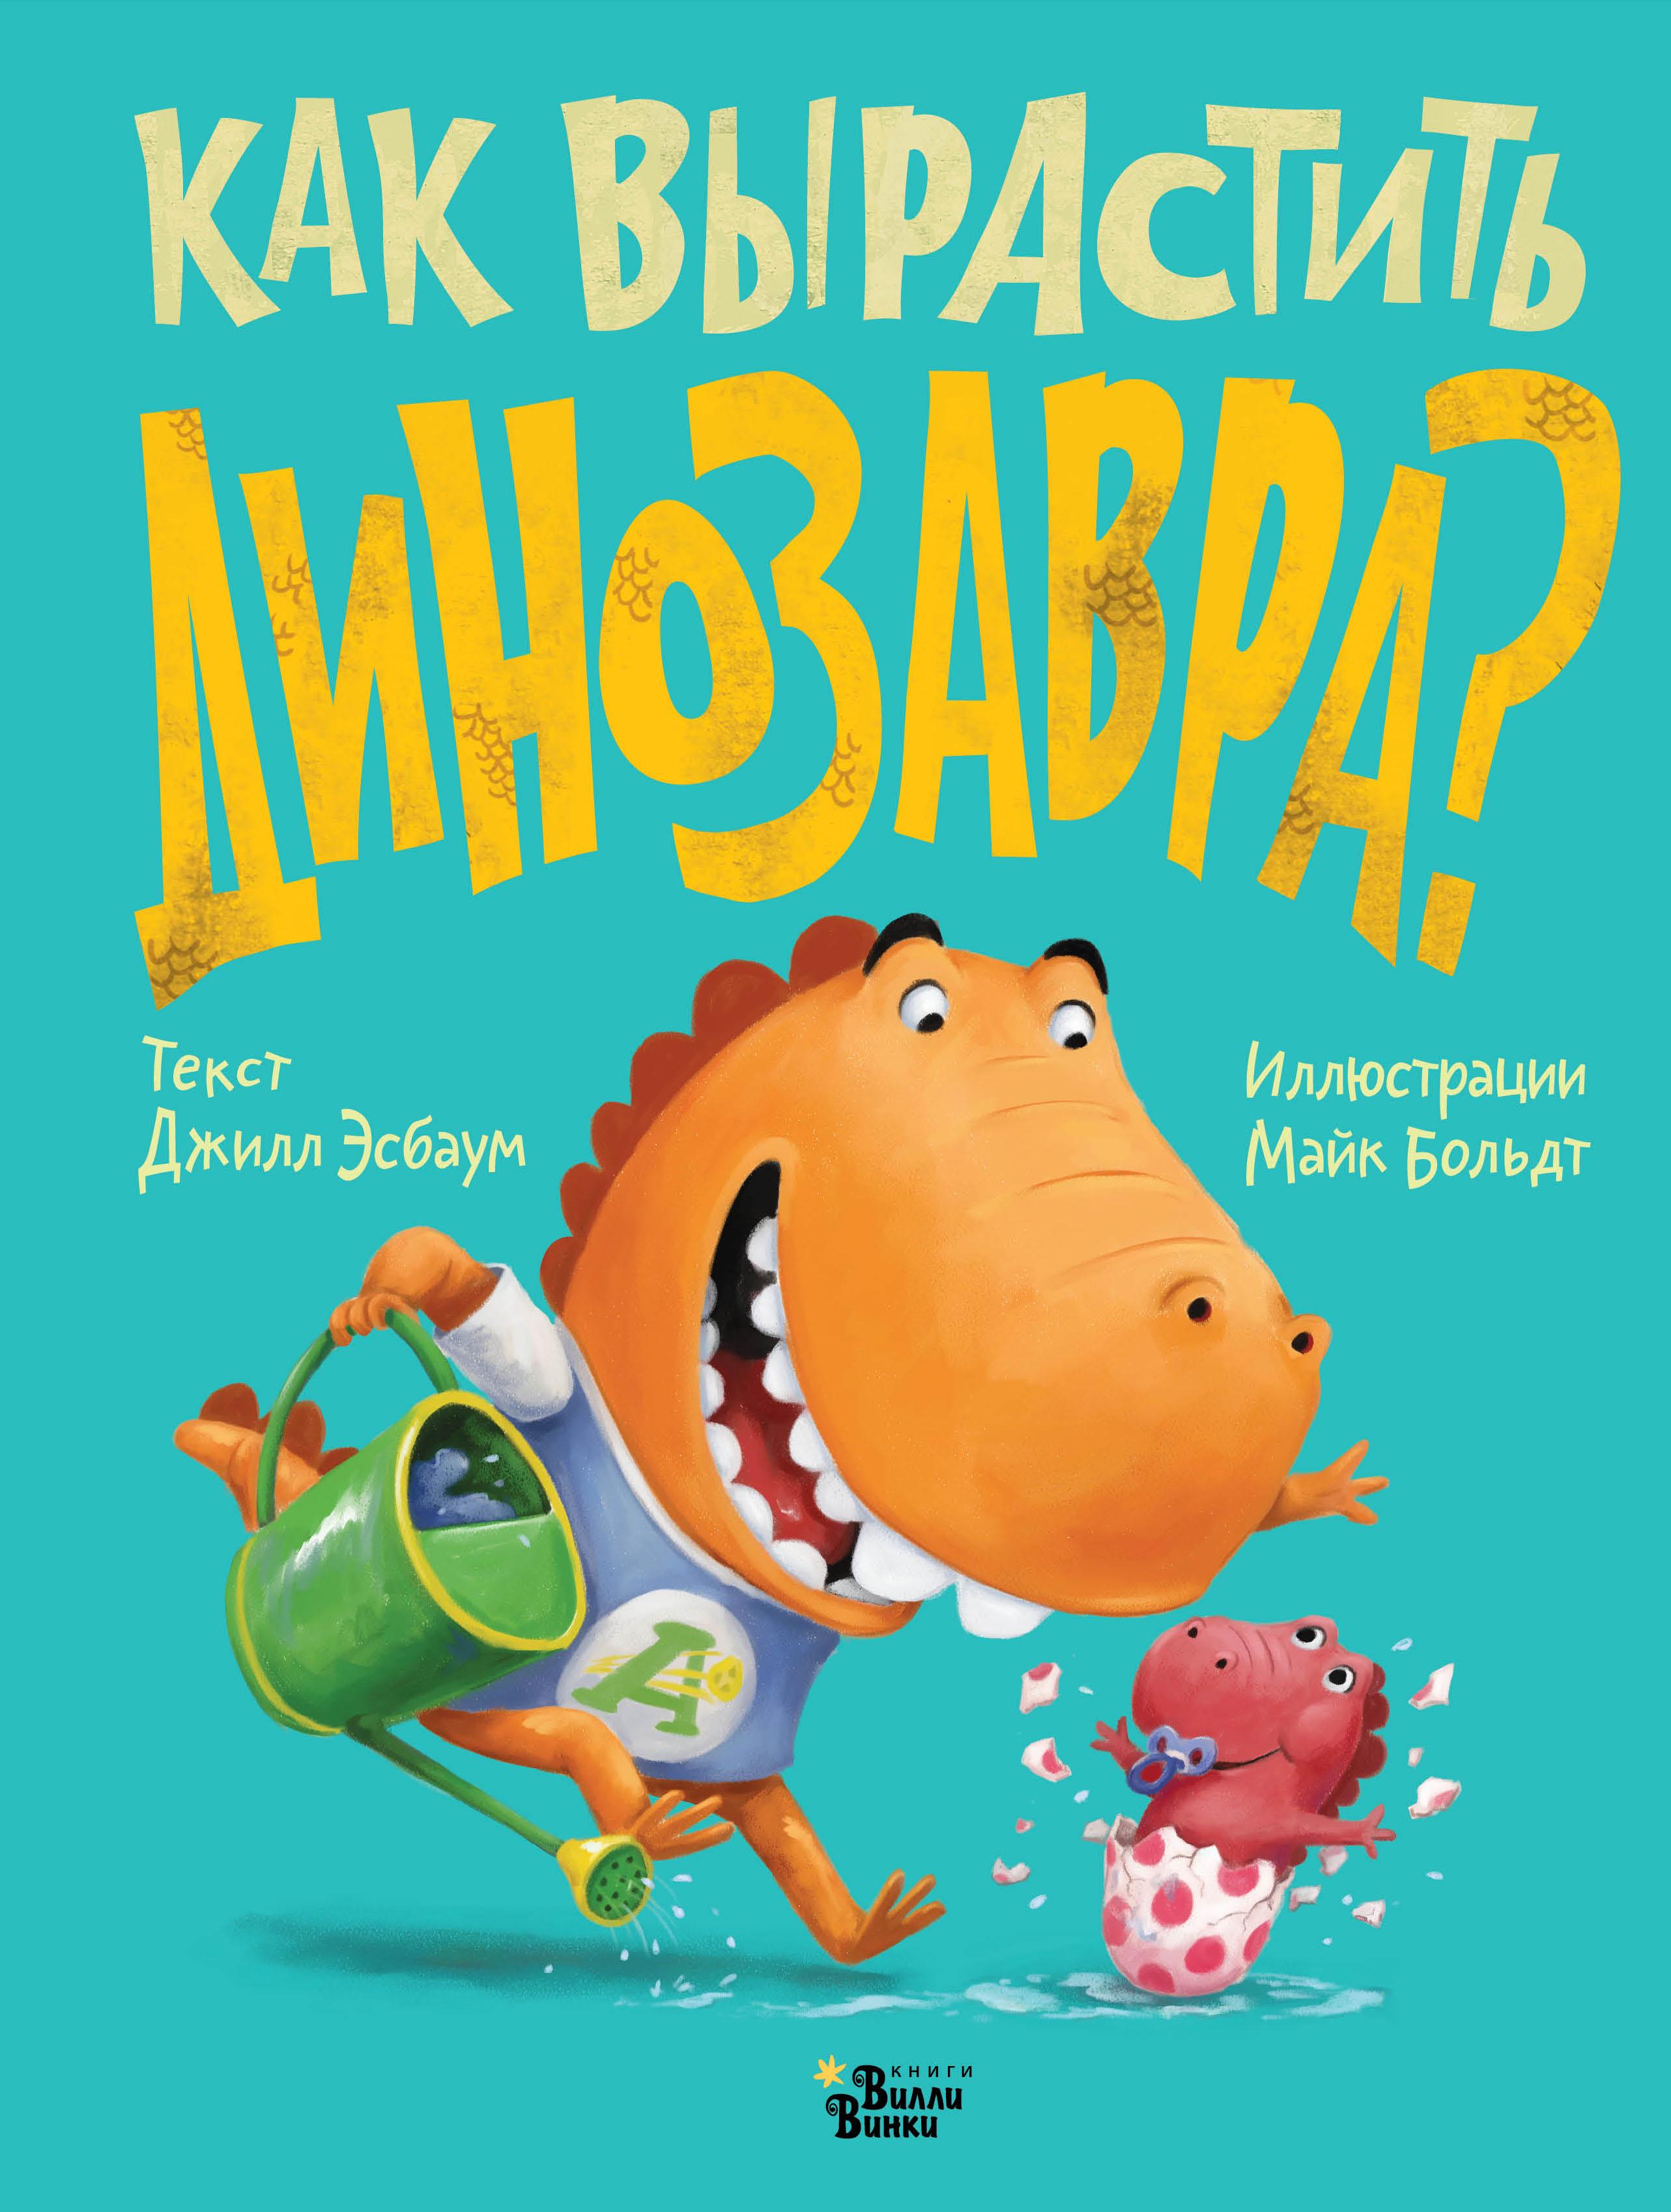 Джилл Эсбаум Как вырастить динозавра?